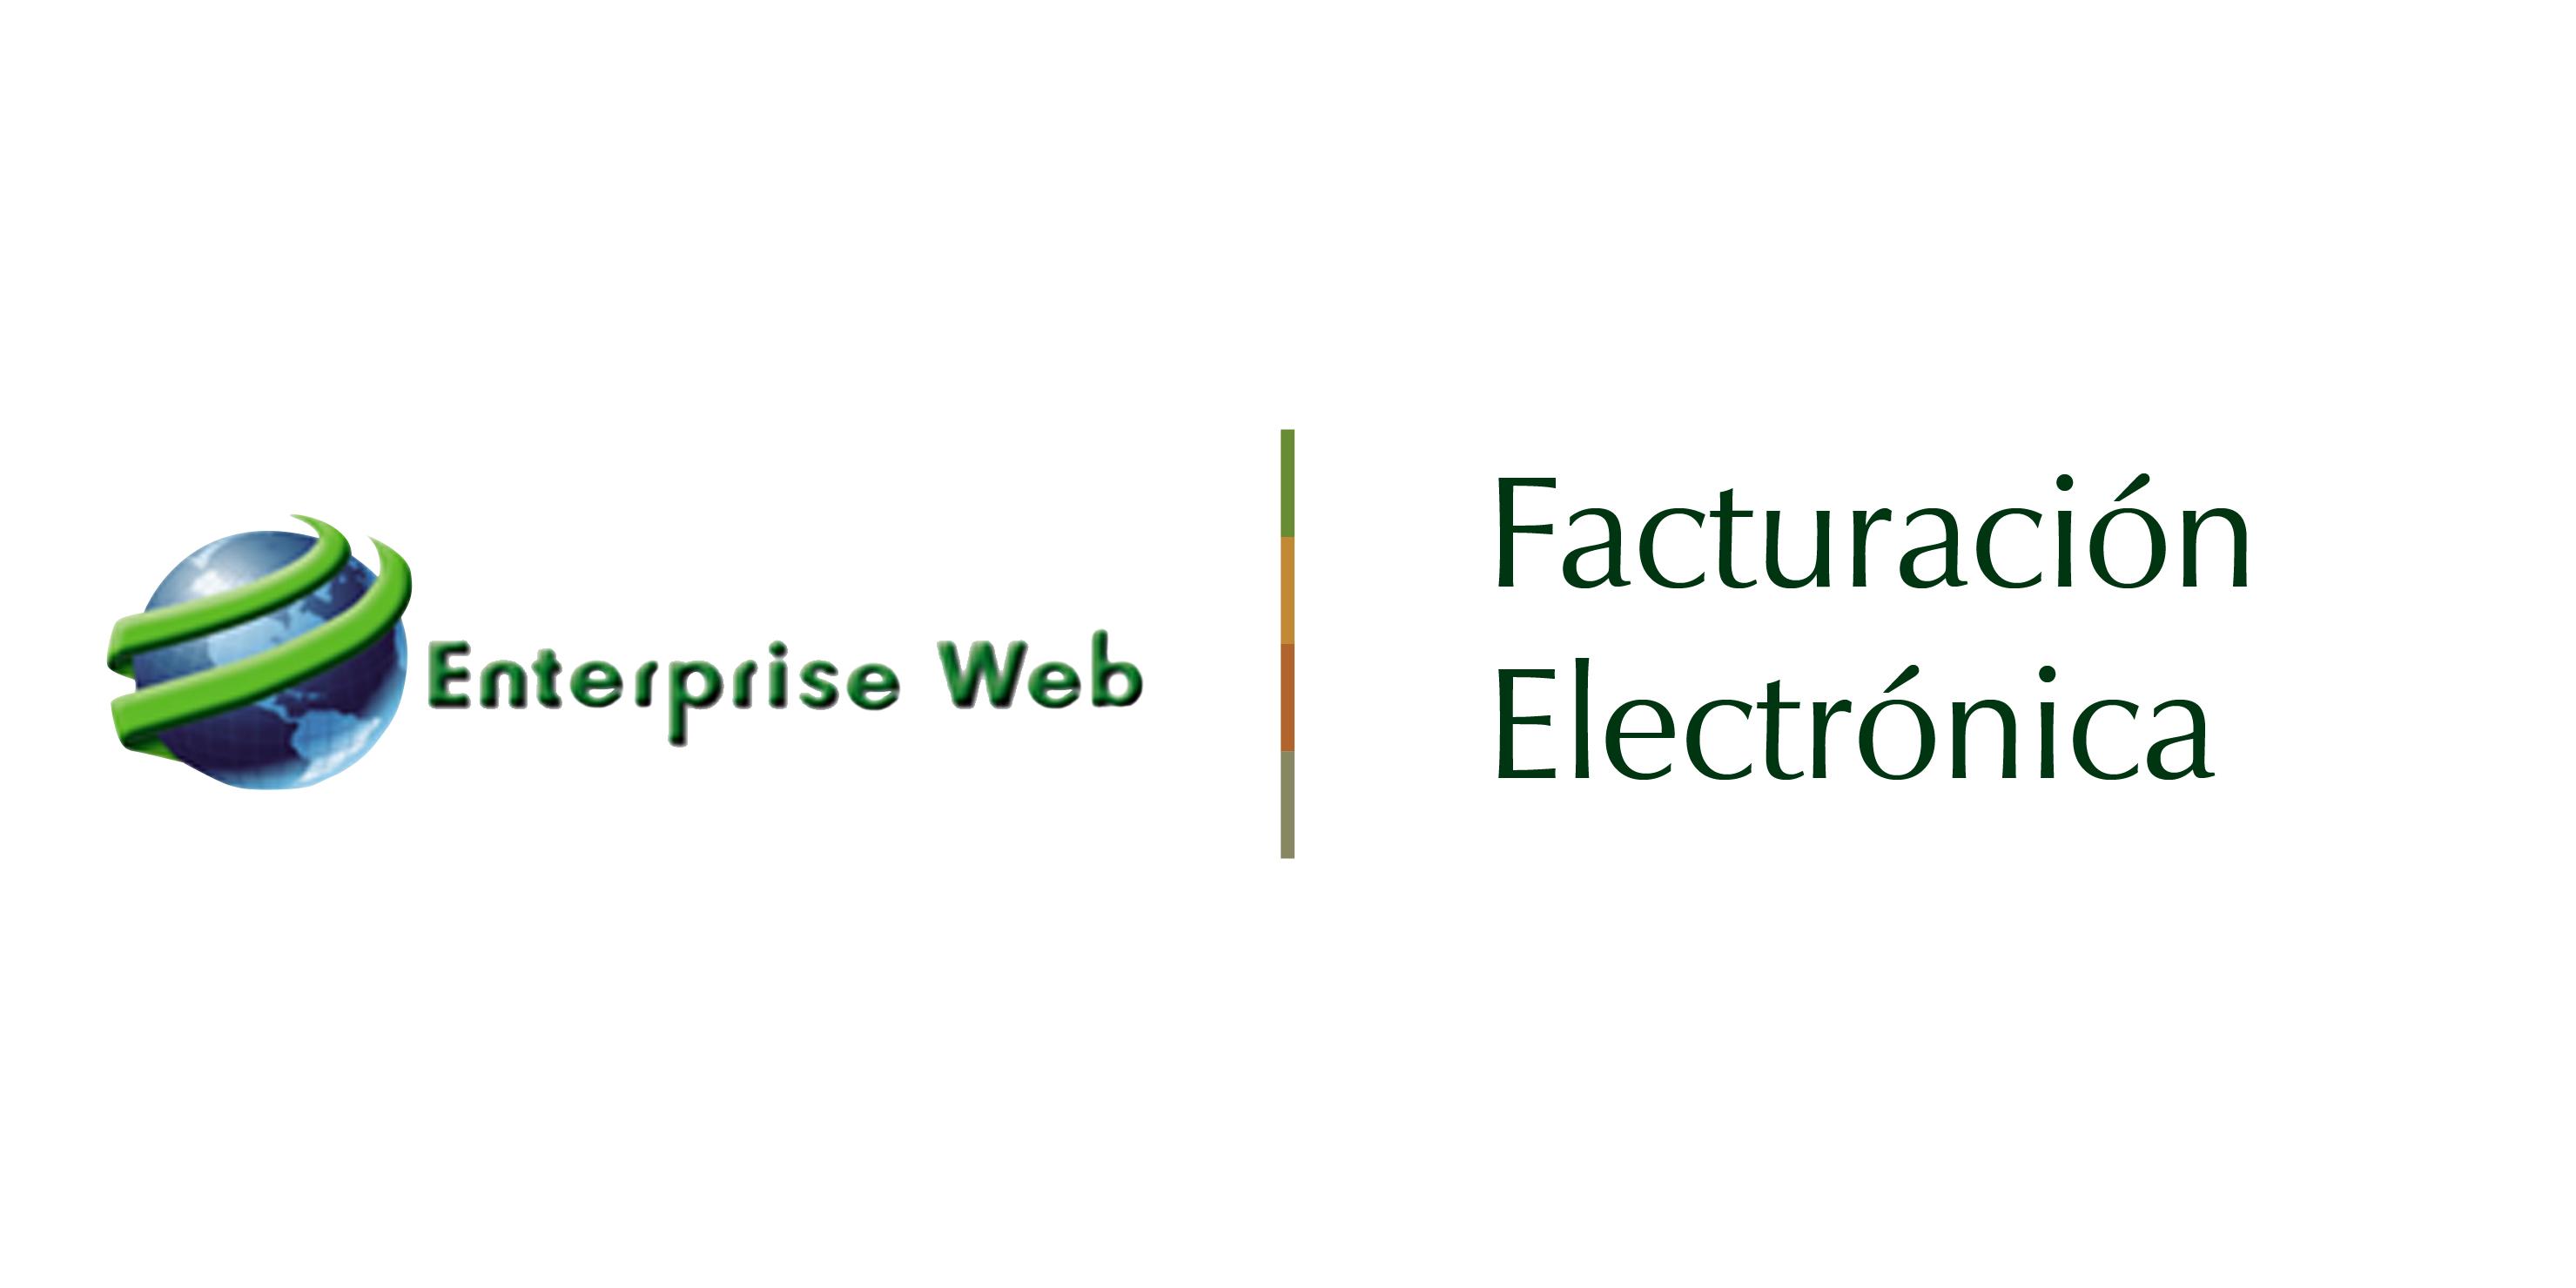 Facturación Electrónica | Software de Facturación Electrónica